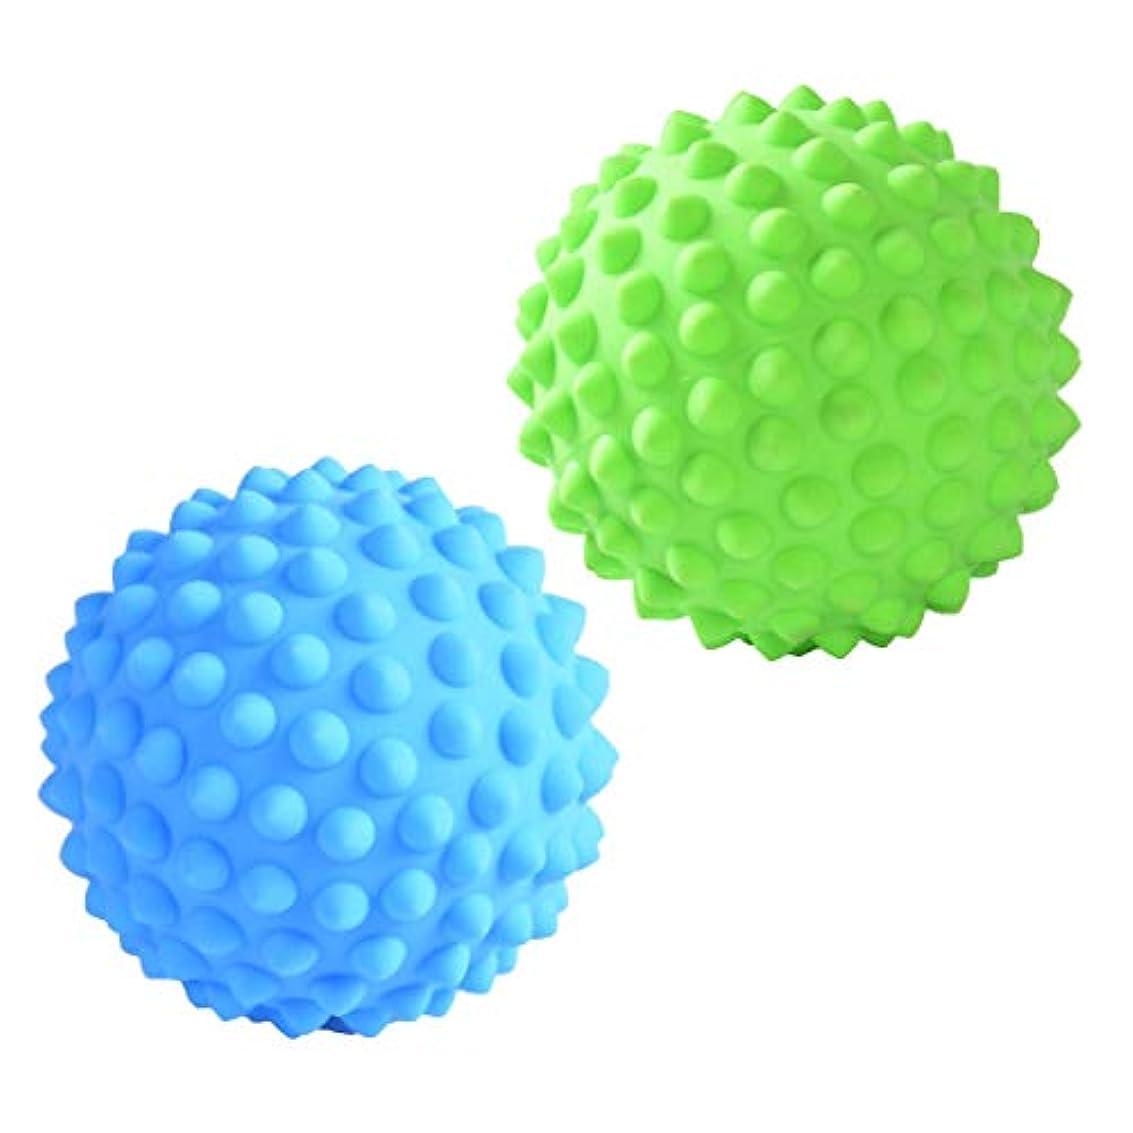 空白パーチナシティアウターマッサージローラーボール マッサージローラー 指圧ボール トリガーポイント ツボ押しグッズ 2個入